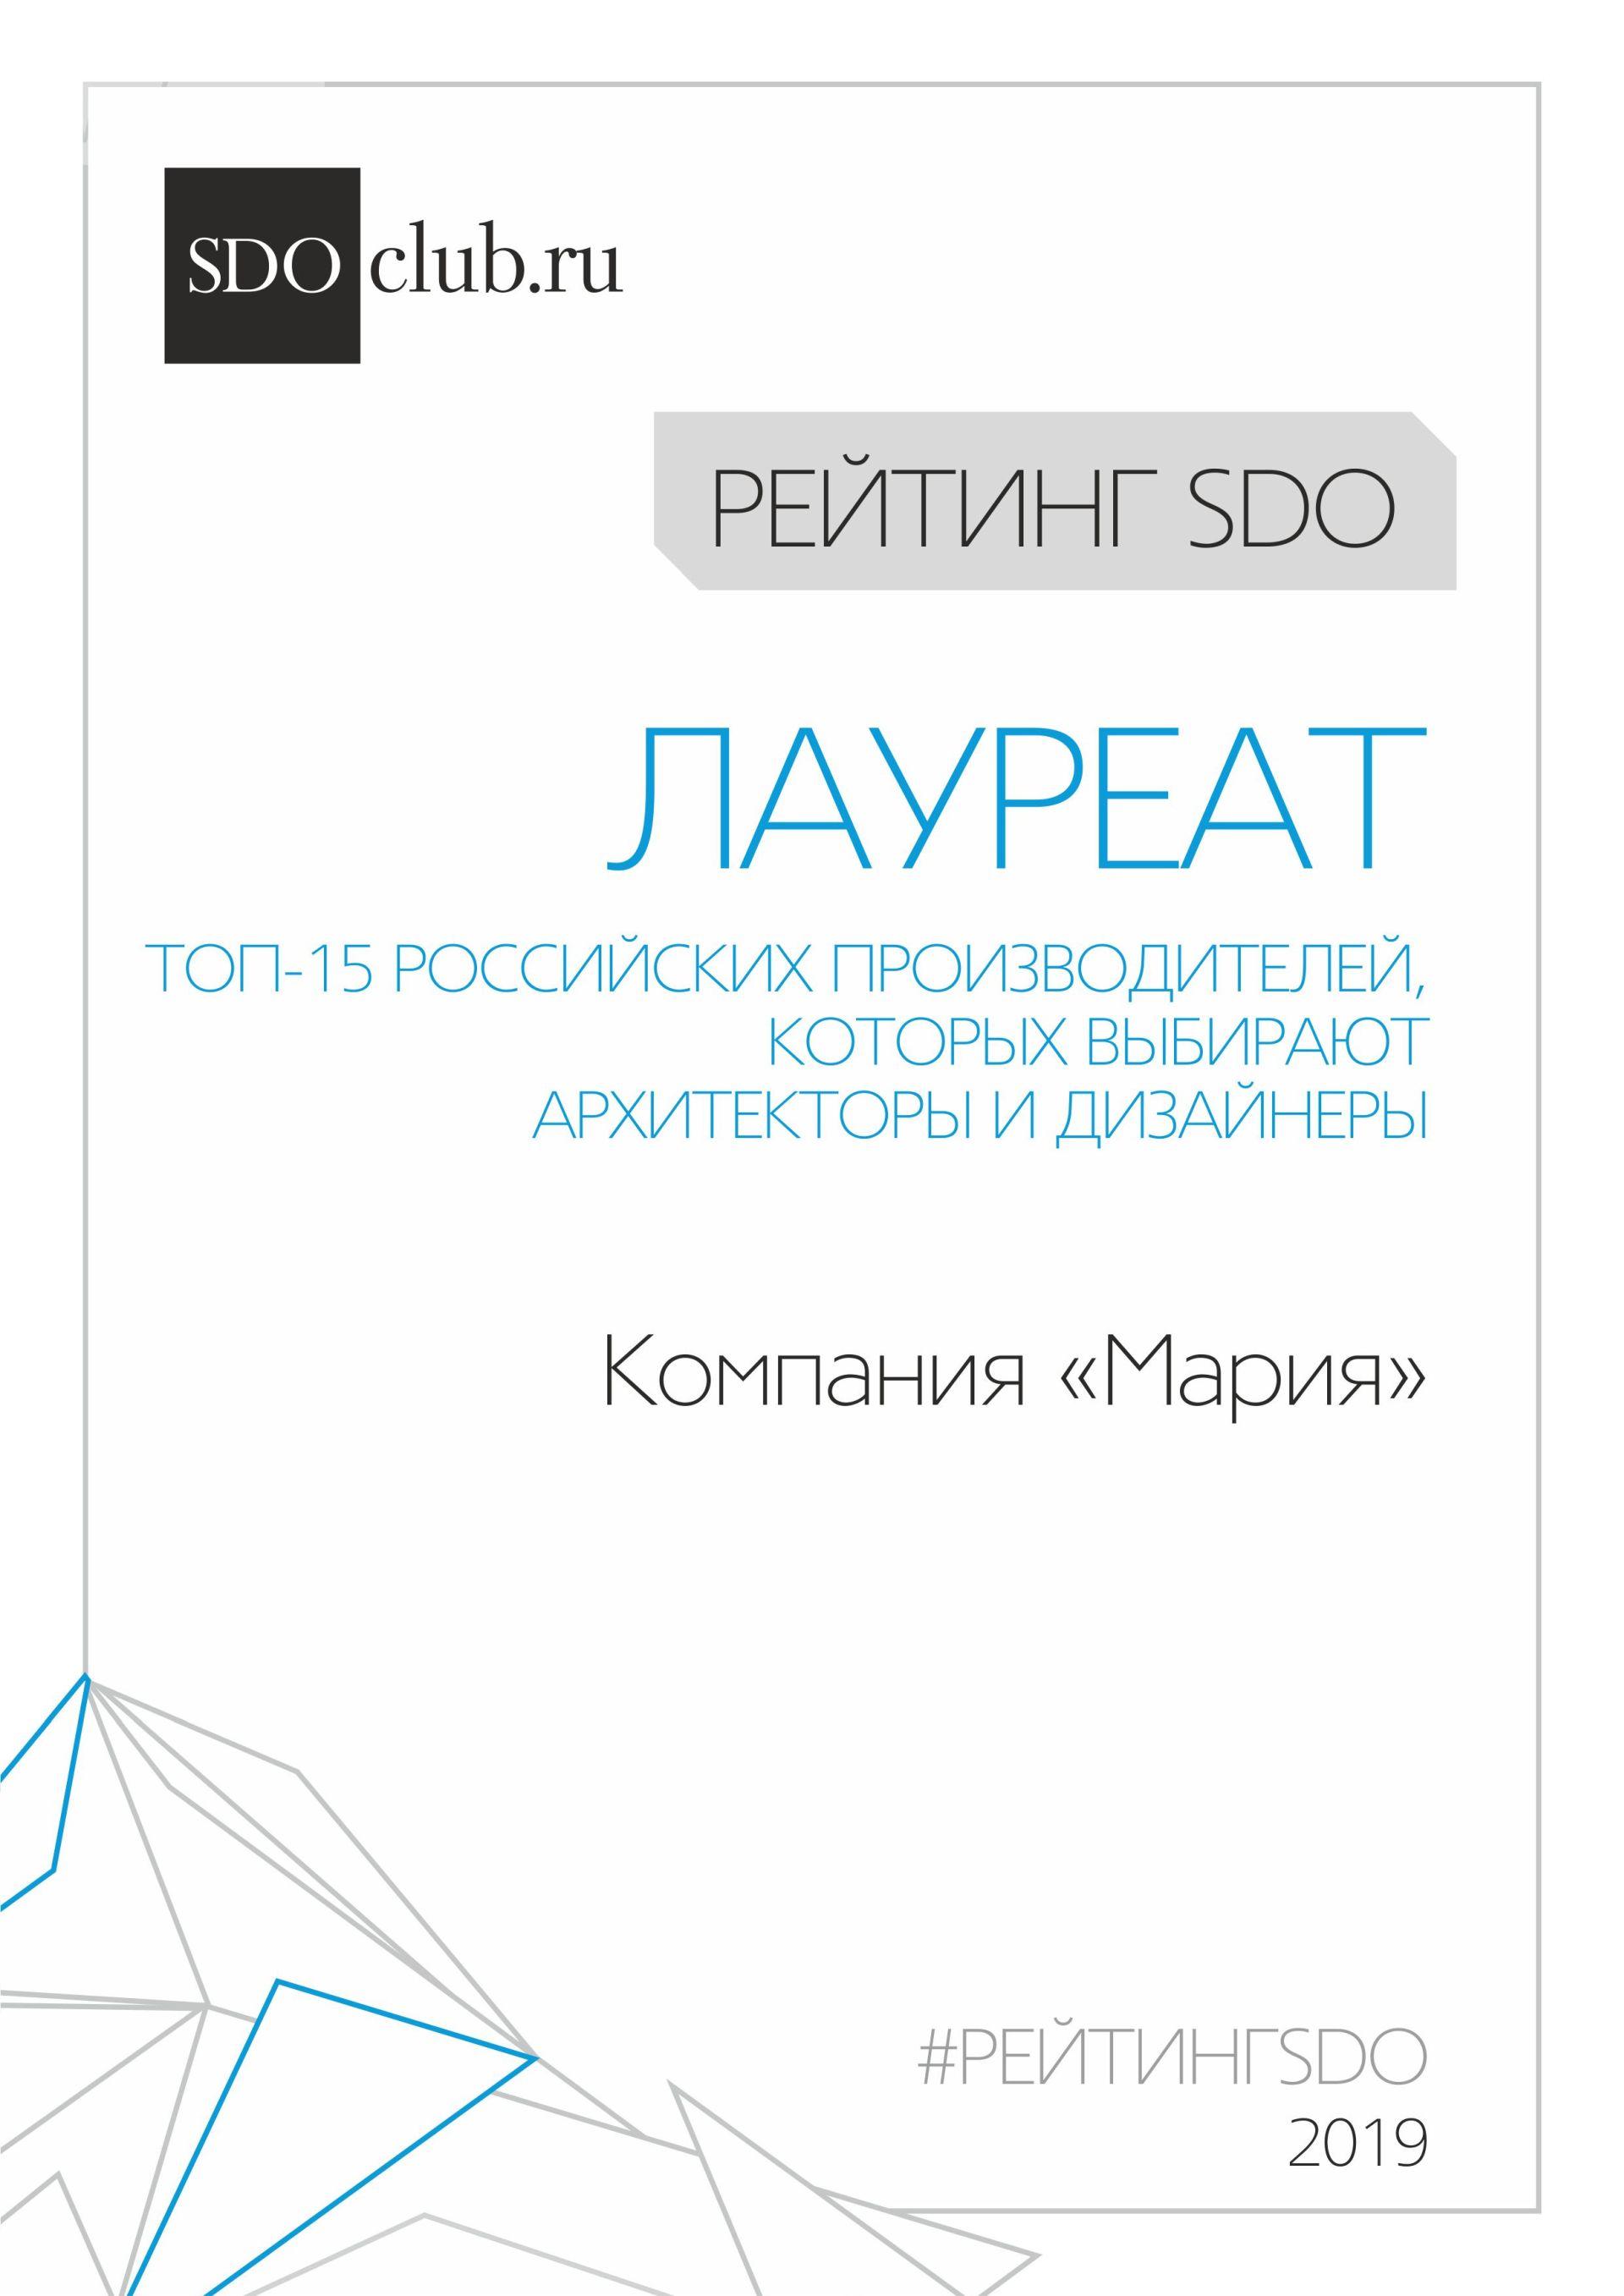 «Мария» вошла в рейтинг российских производителей, которых выбирают архитекторы и дизайнеры